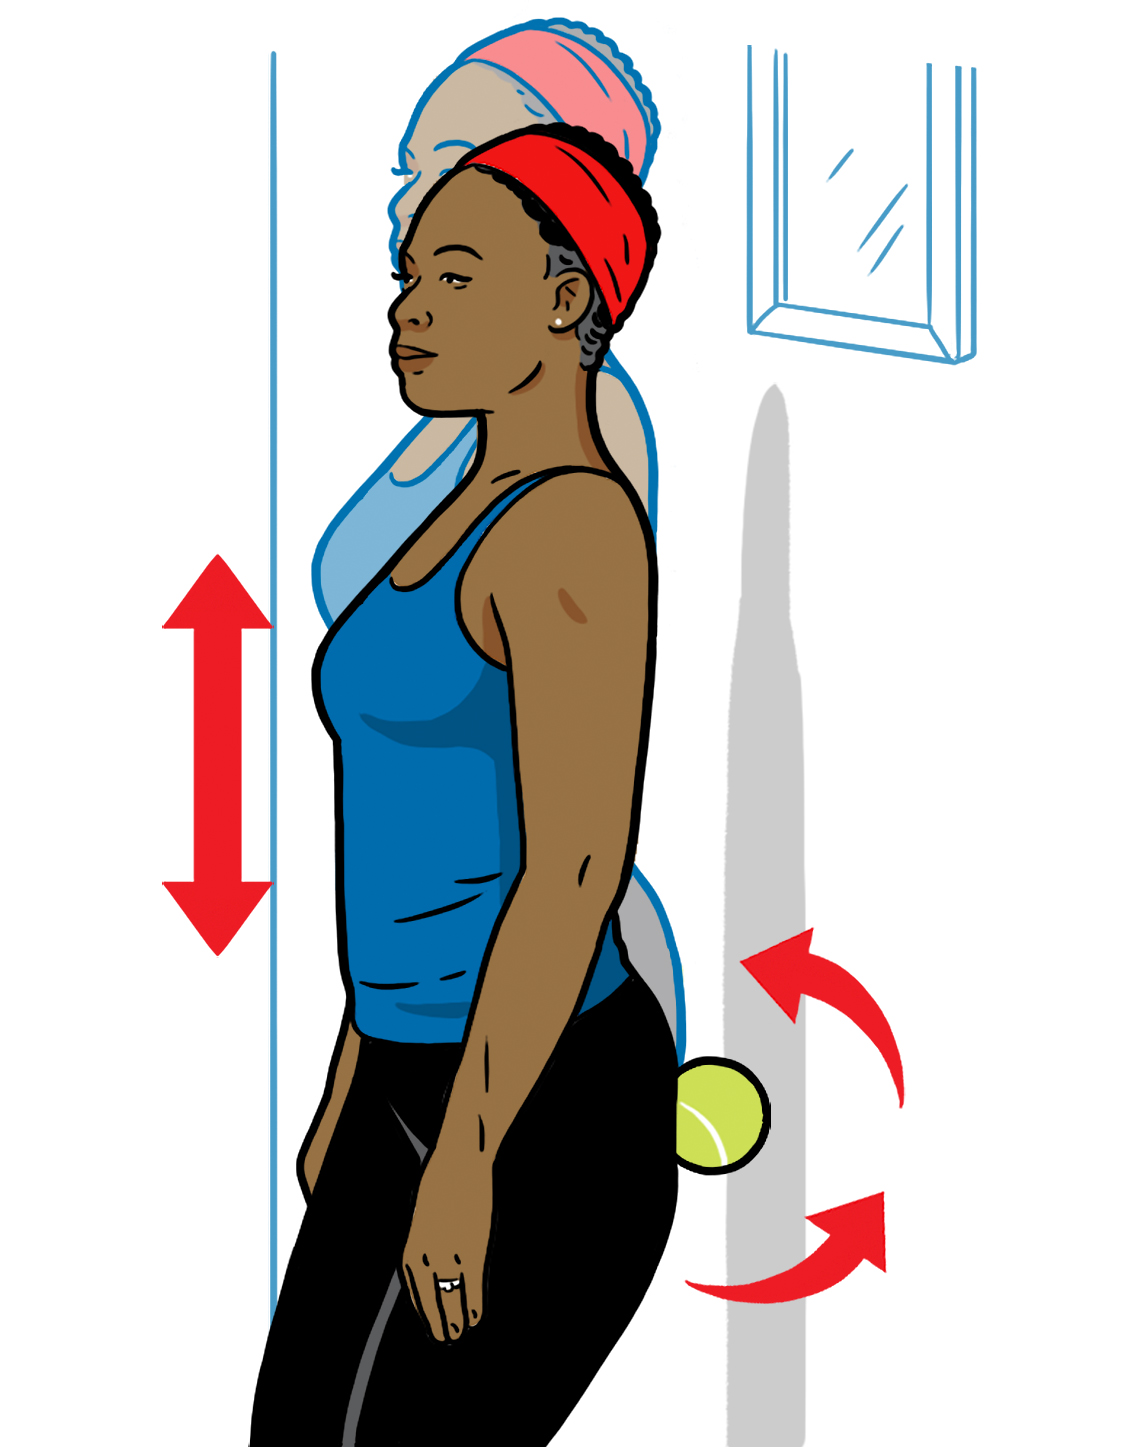 Dibujo muestra una mujer usando una bola de tenis para aliviar el dolor de caderas